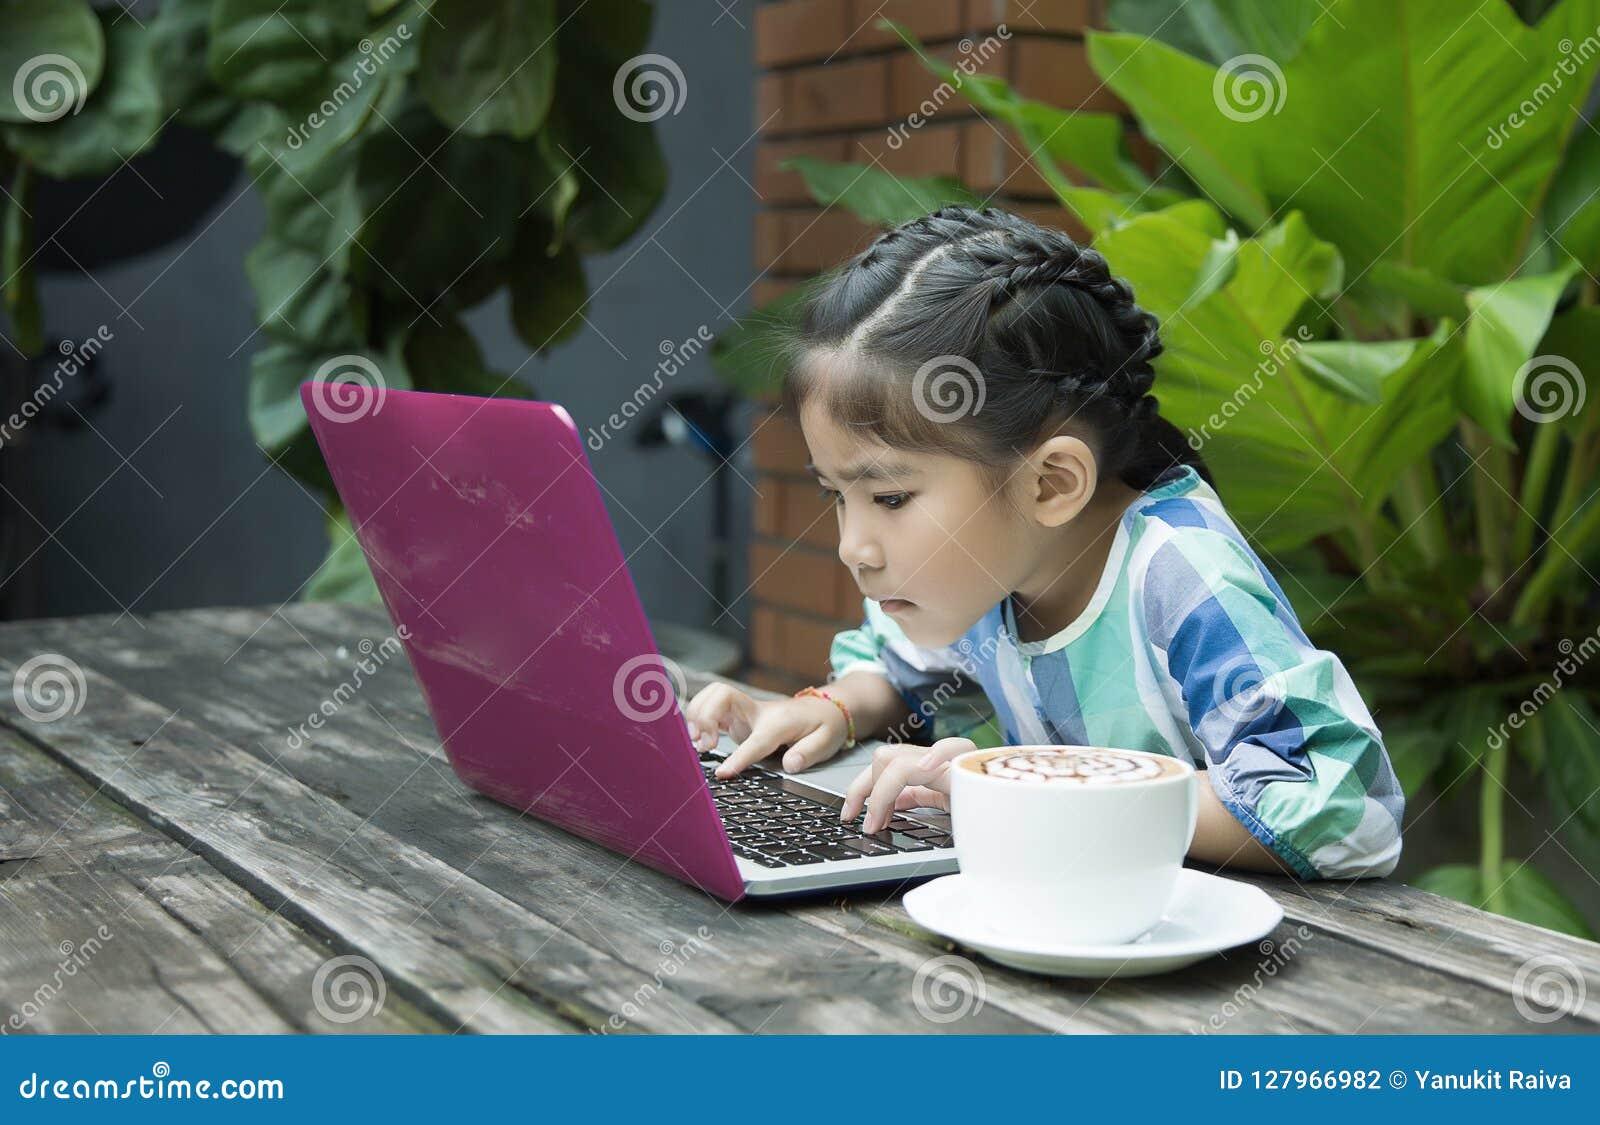 Asiatische Kinder unter Verwendung des Laptops und der Kaffeetasse auf hölzerner Tabelle